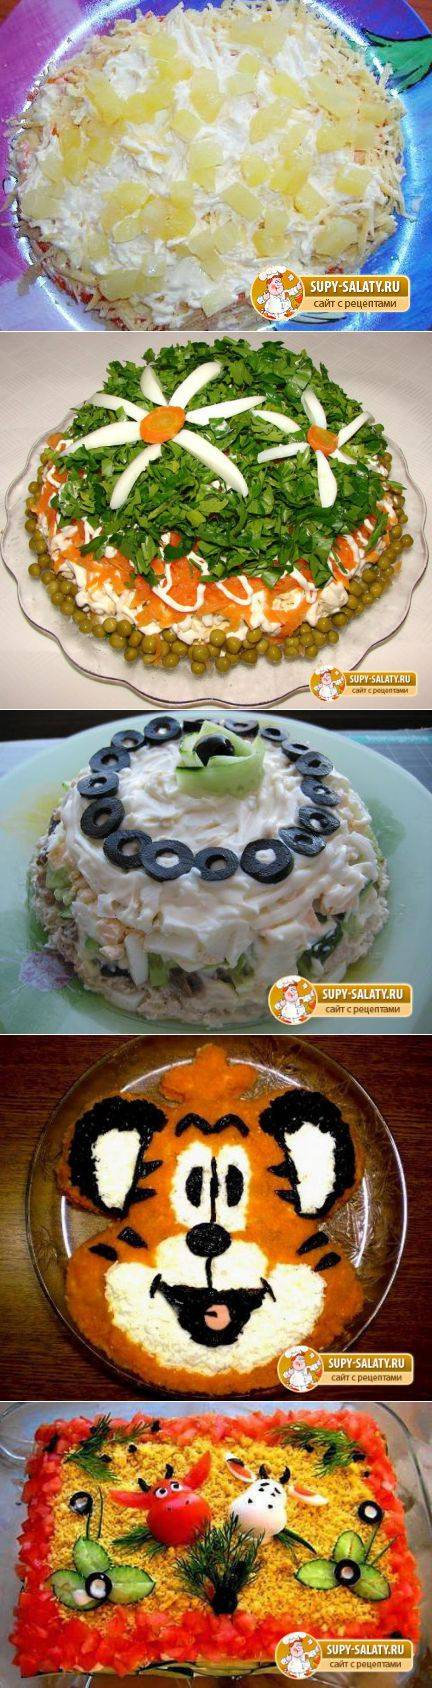 Салаты на день рождения: топ 10 самых вкусных и популярных рецептов